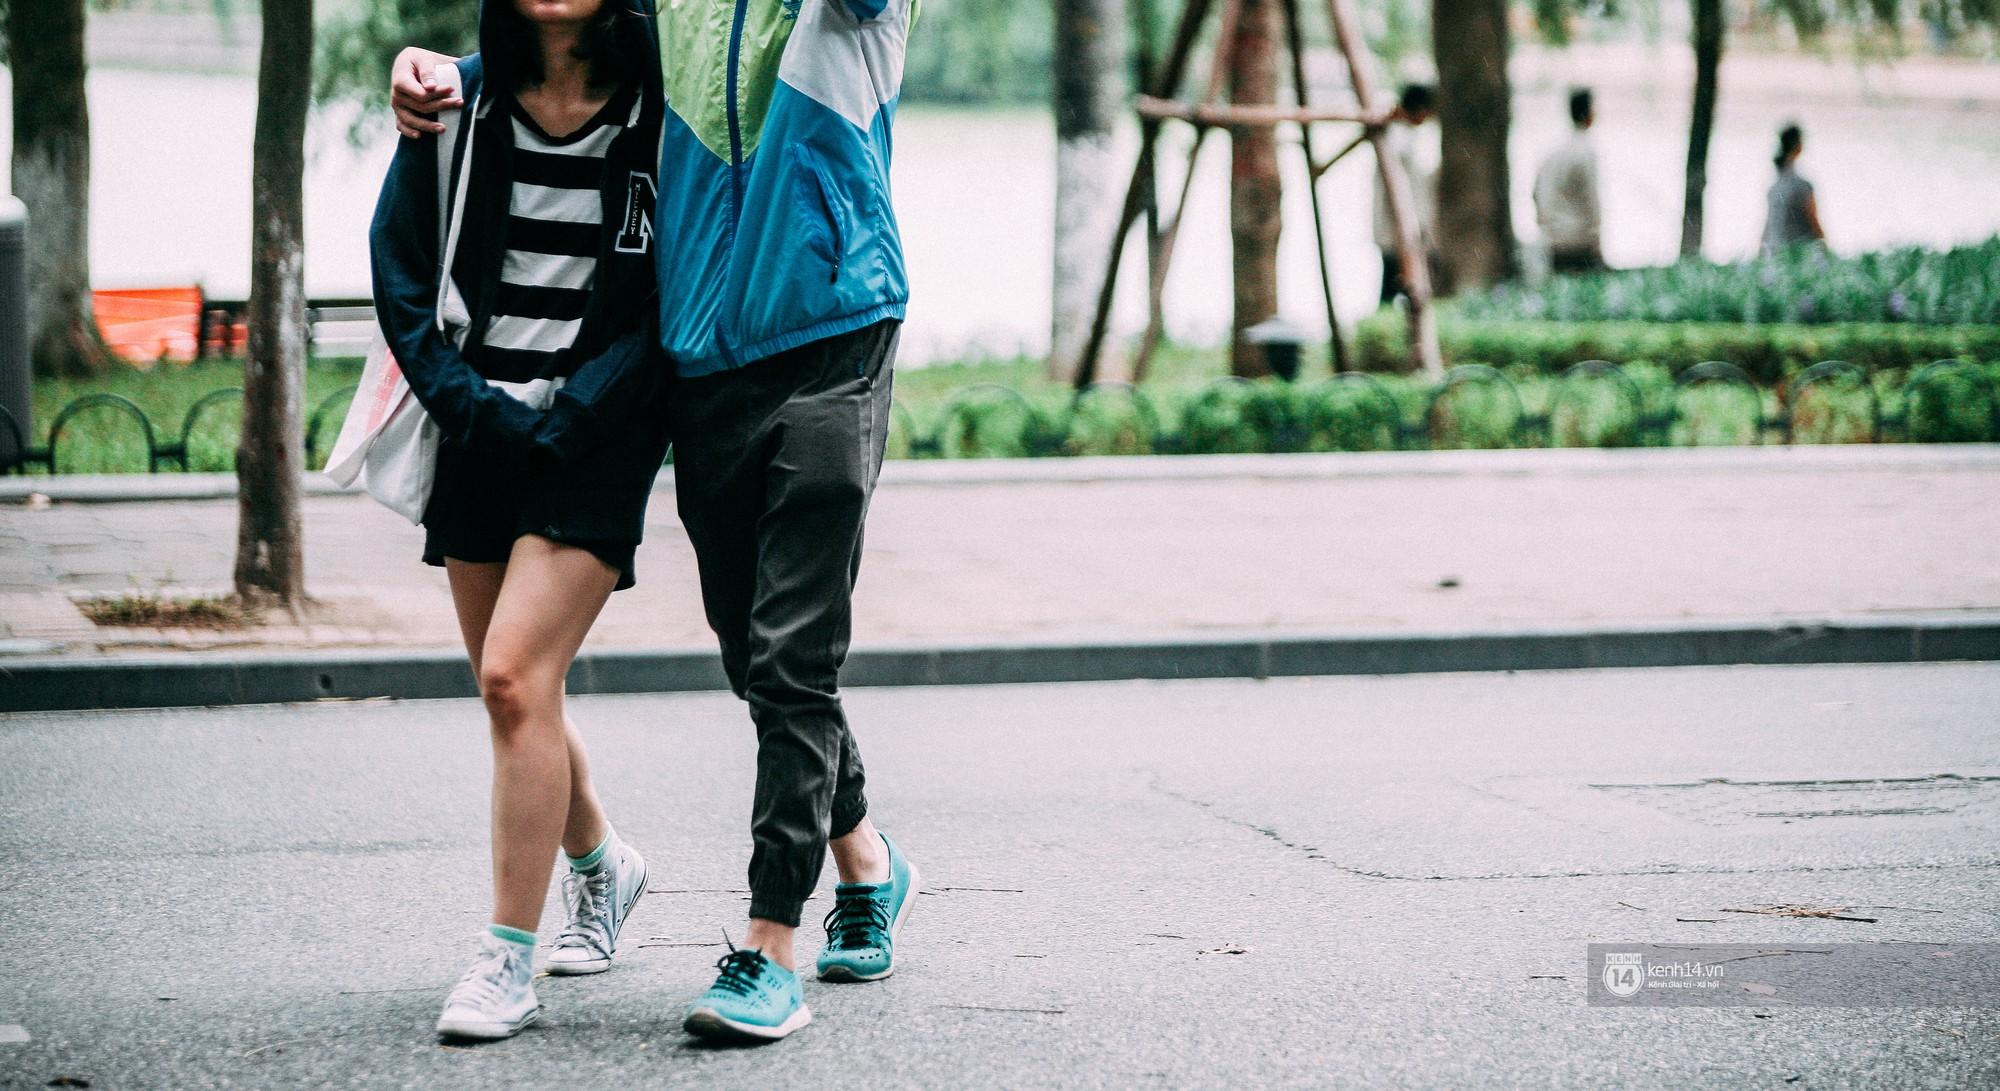 Cư dân mạng: Ơn giời, cuối cùng Hà Nội cũng có gió mùa, lần này rét thật rồi! - Ảnh 4.